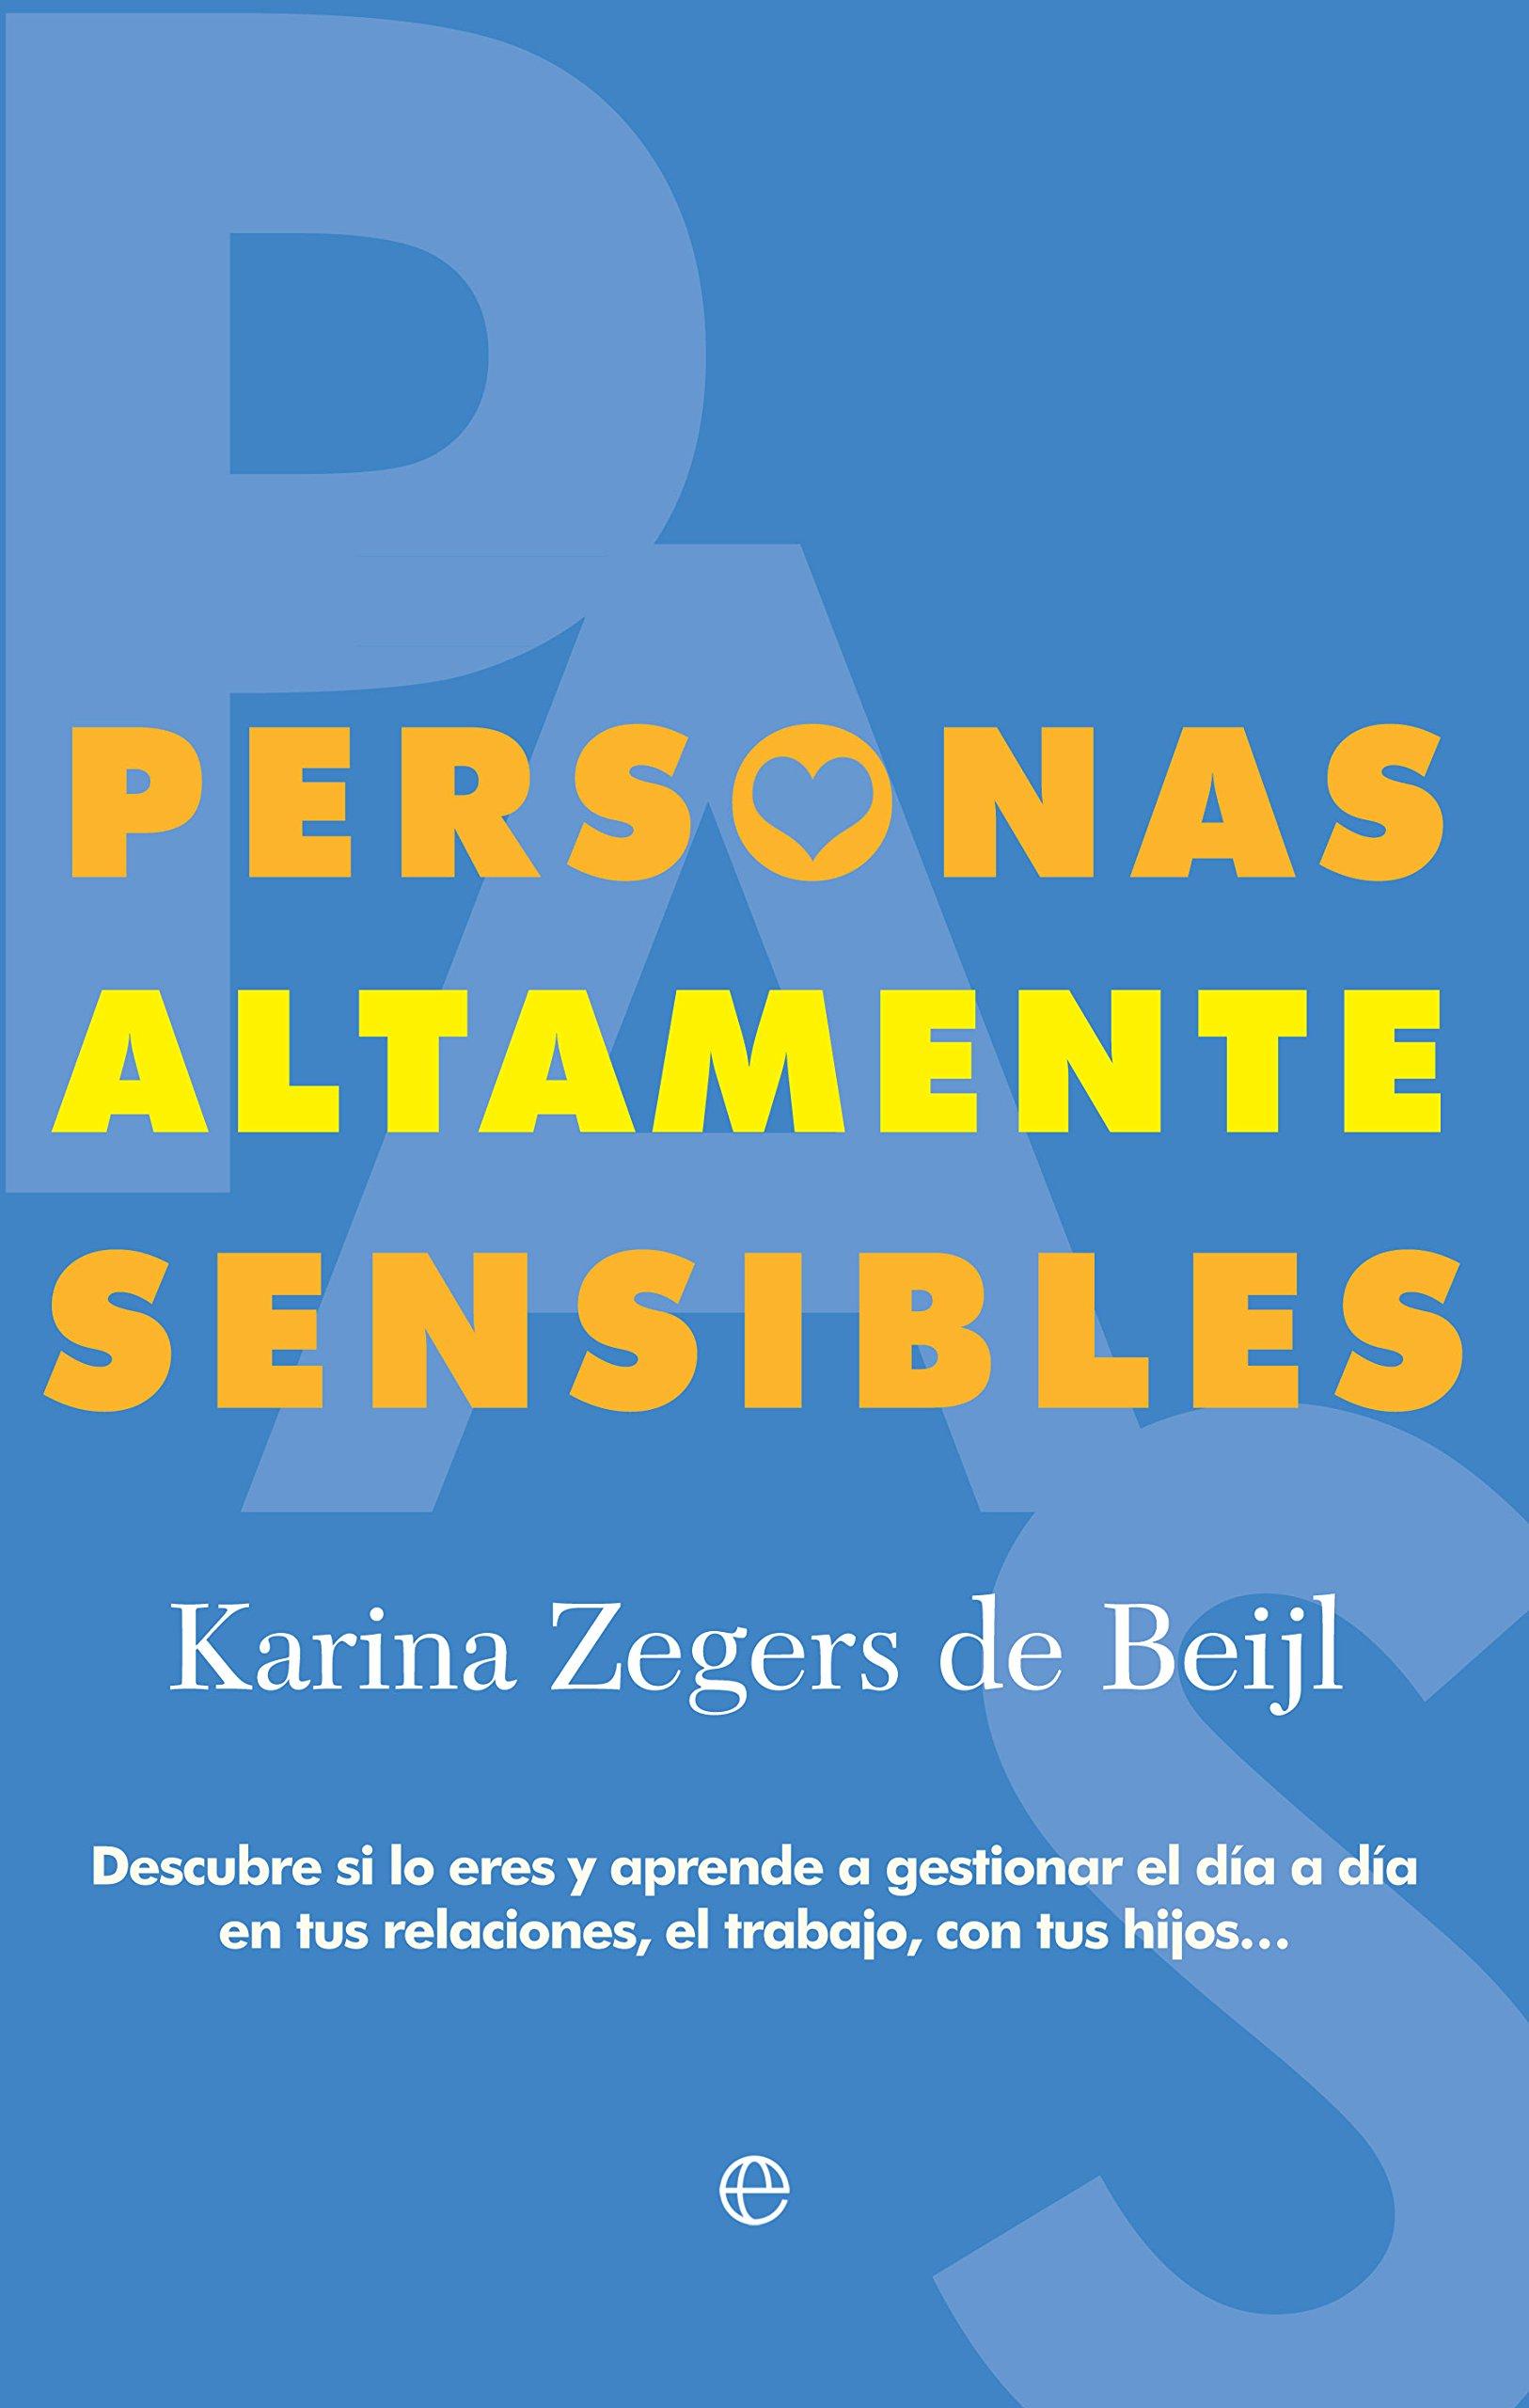 Personas Altamente Sensibles (Psicología): Amazon.es: Karina Zegers de  Beijl: Libros